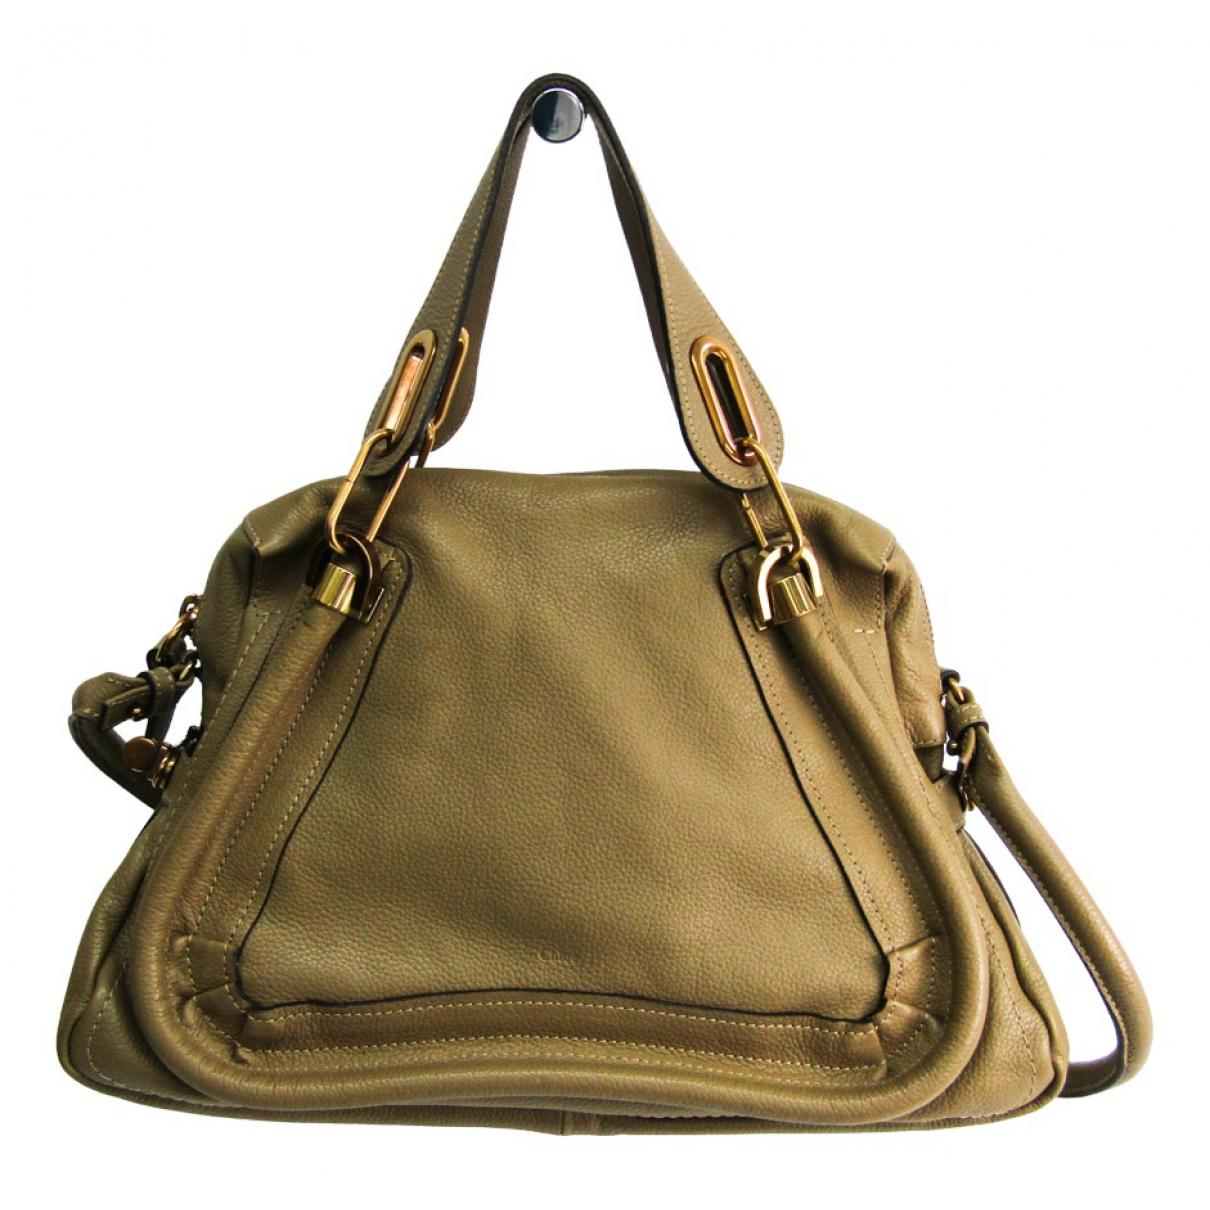 Chloe Paraty Handtasche in  Beige Leder